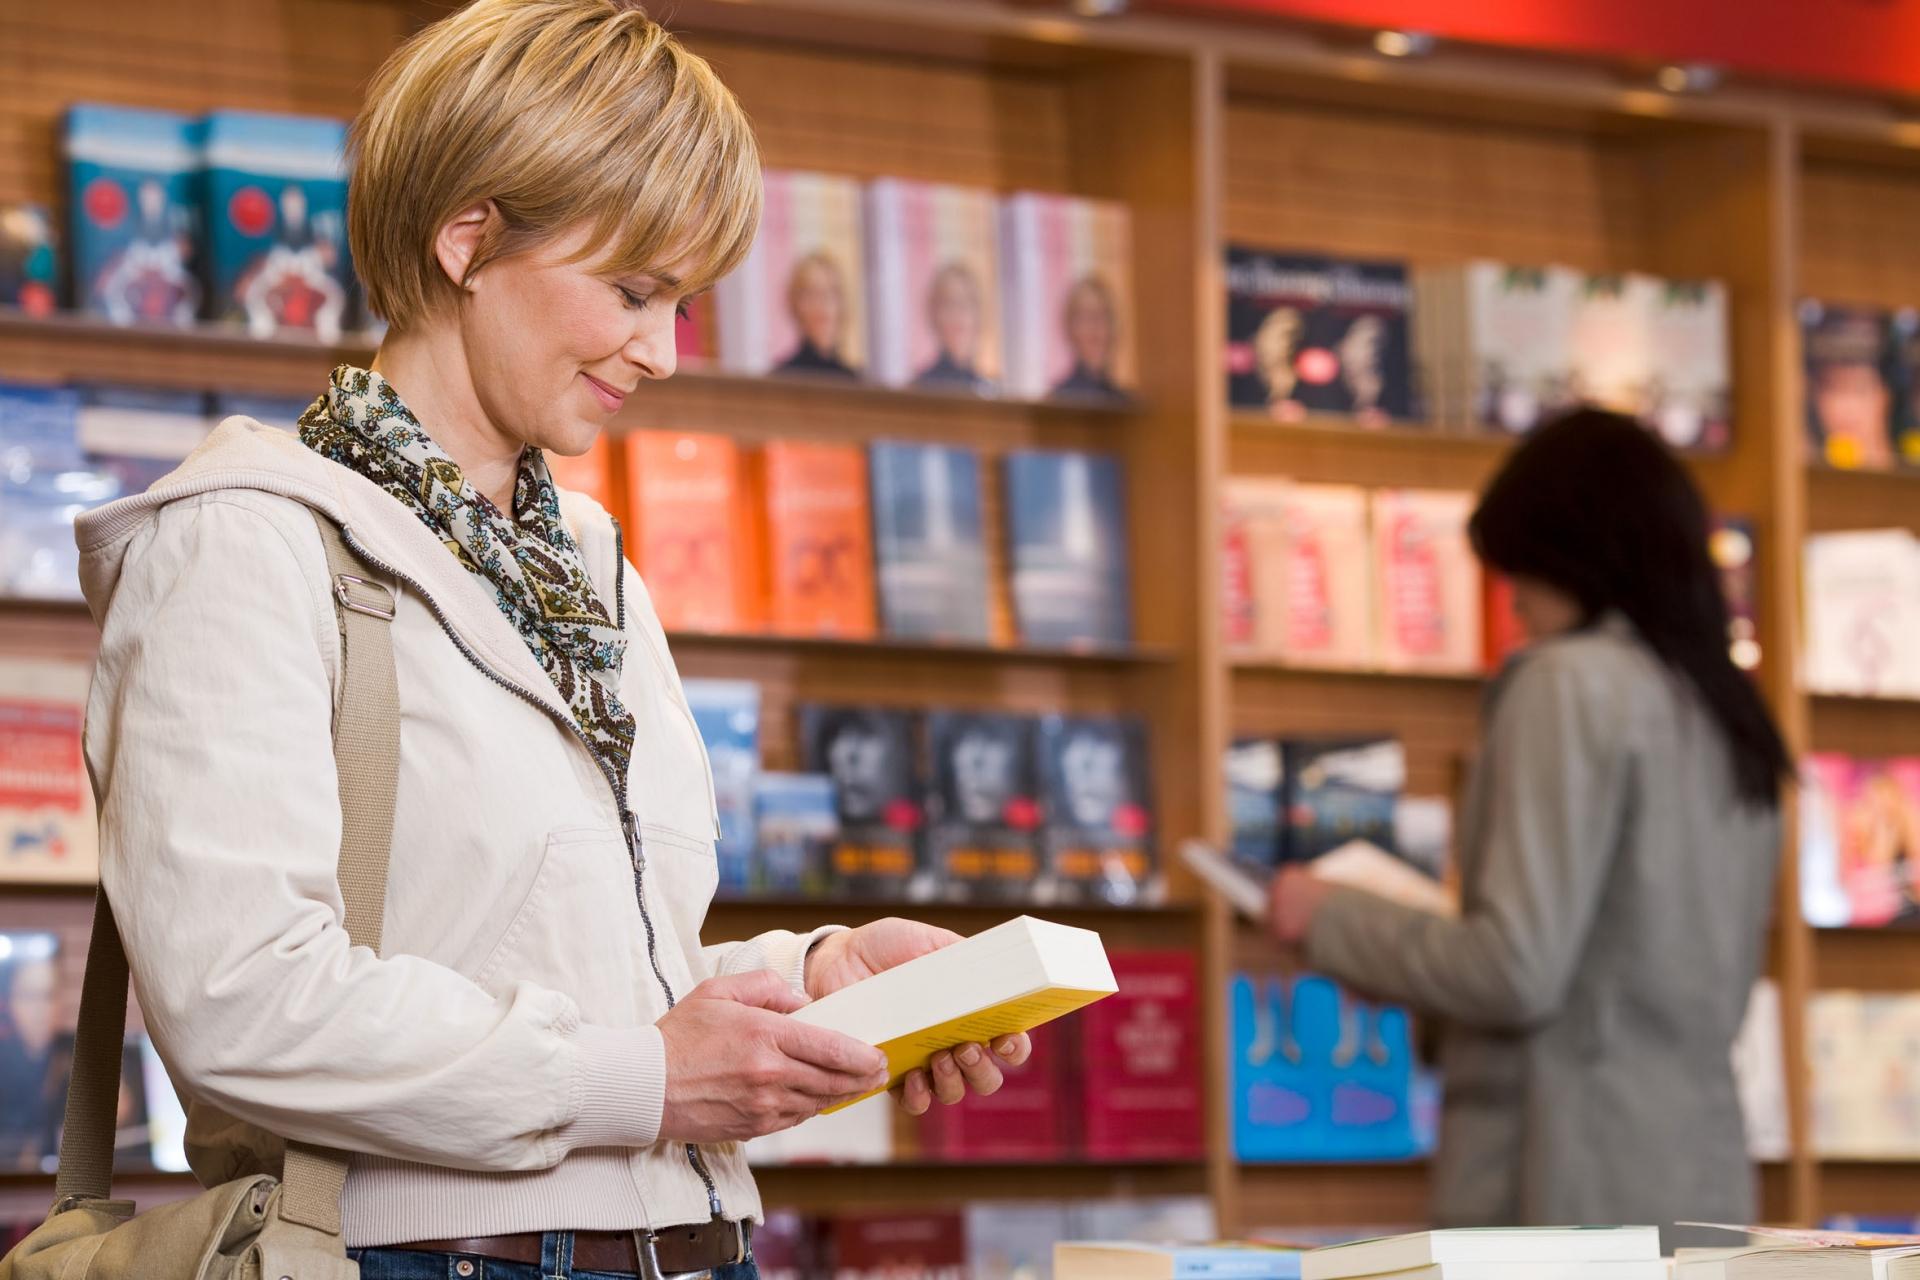 Wir bieten eine große Auswahl an Büchern. Gerne bestellen wir Ihnen auch ein gewünschtes Buch. © Henry Schmitt - Fotolia.com